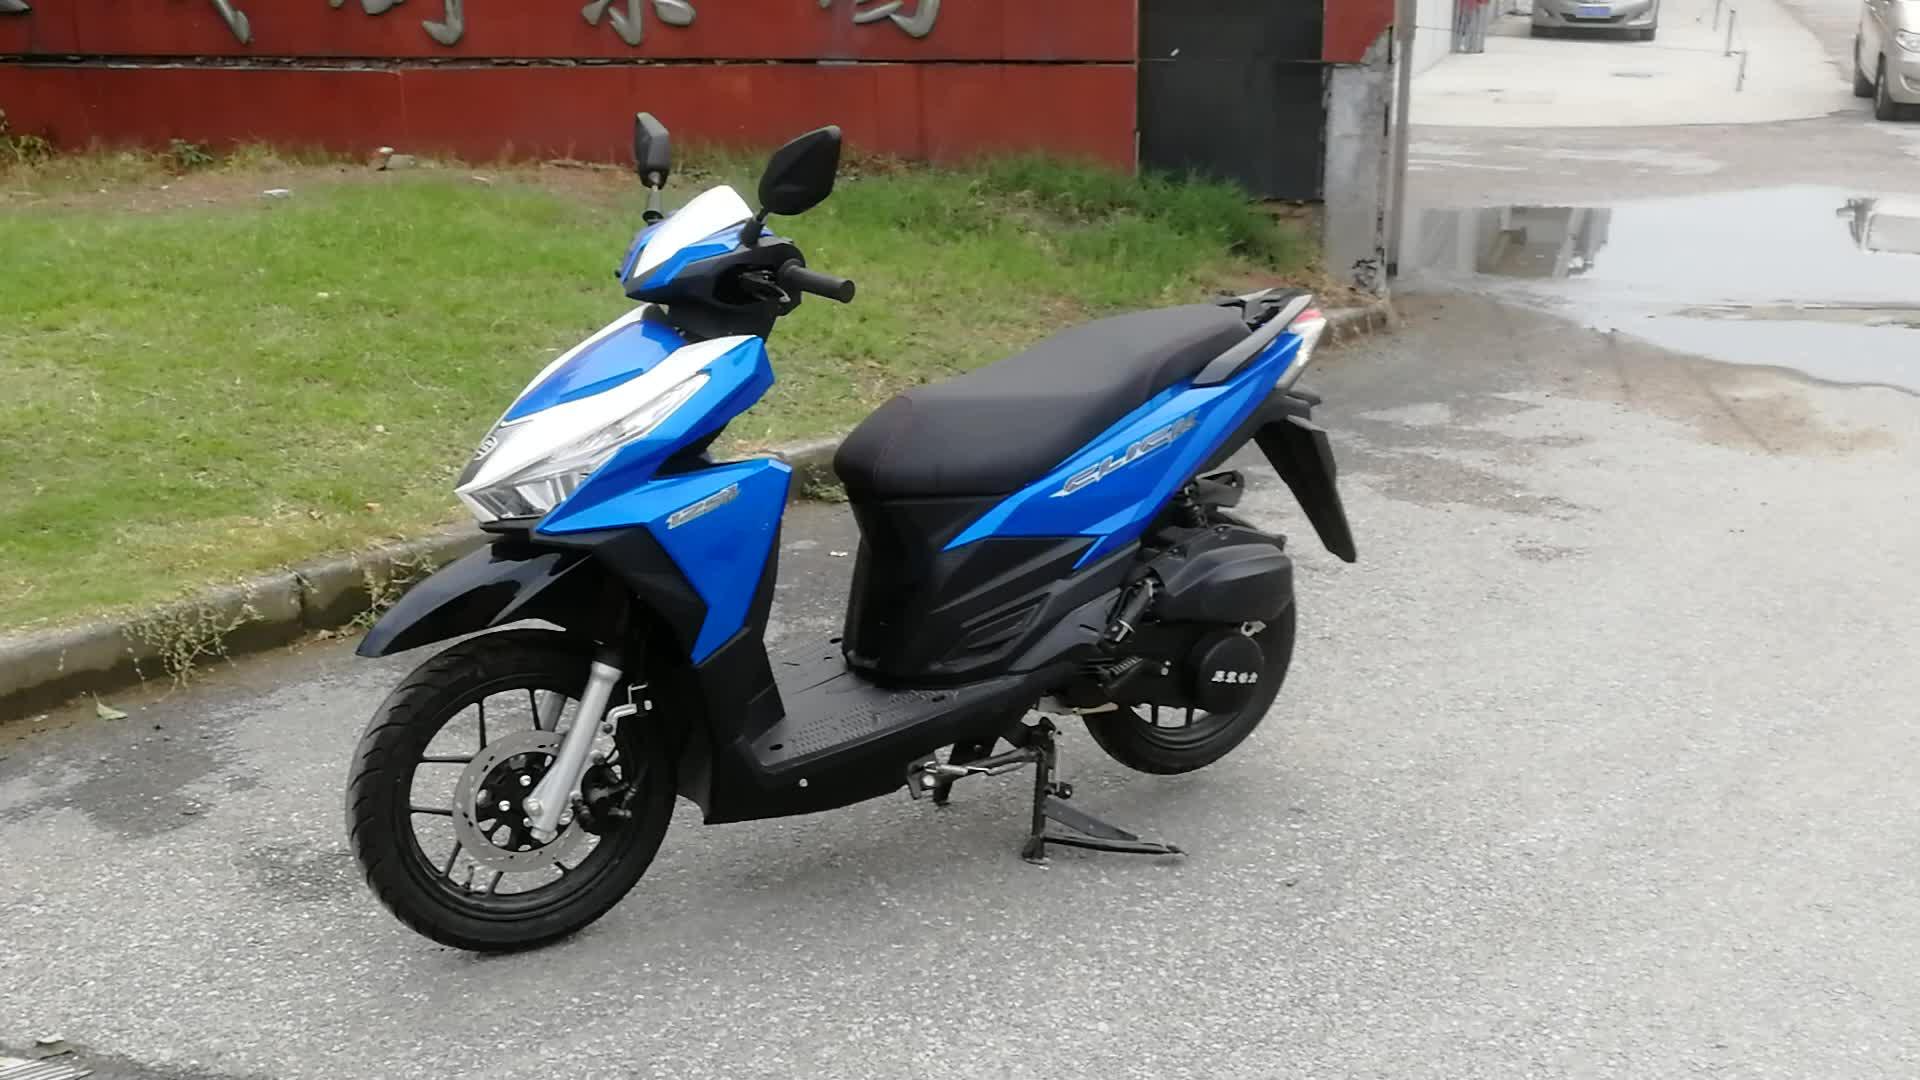 Китайские японские motos moto 150 cc 125cc 150cc большие 14 дюймовые шины для мотоцикла Vento, бензиновый скутер